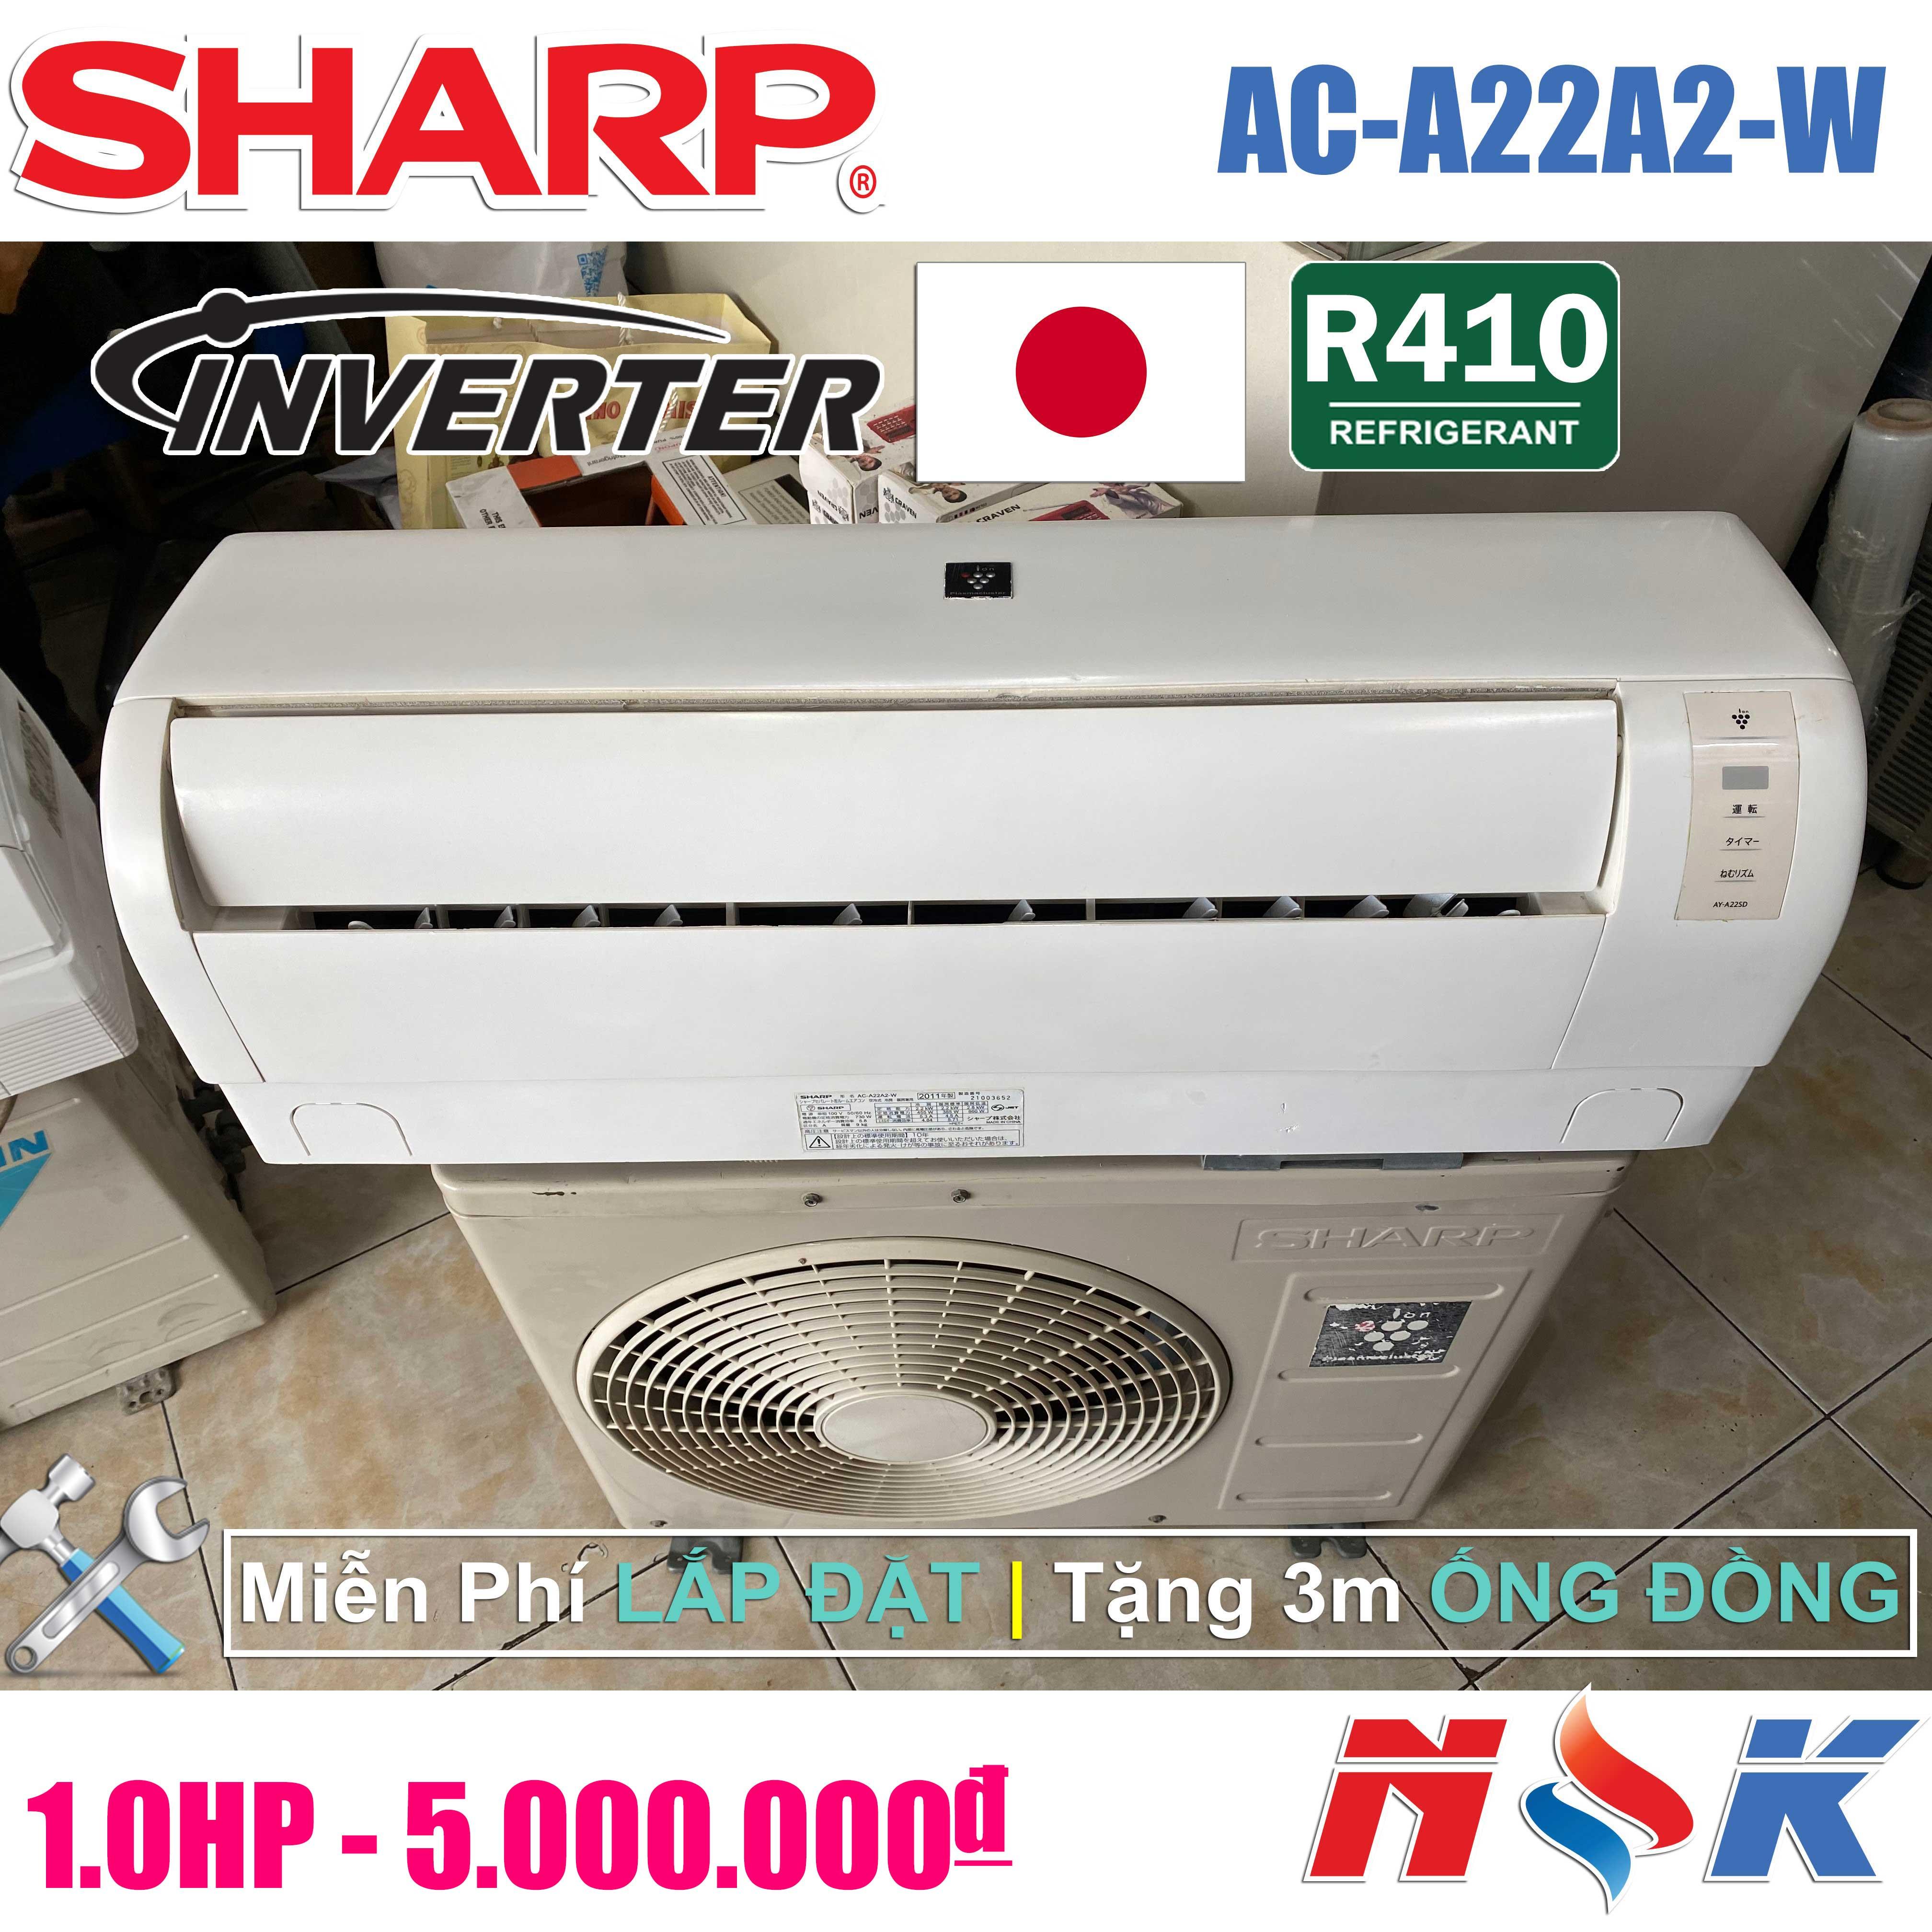 Máy lạnh Sharp Inverter AC-A22A2-W 1HP